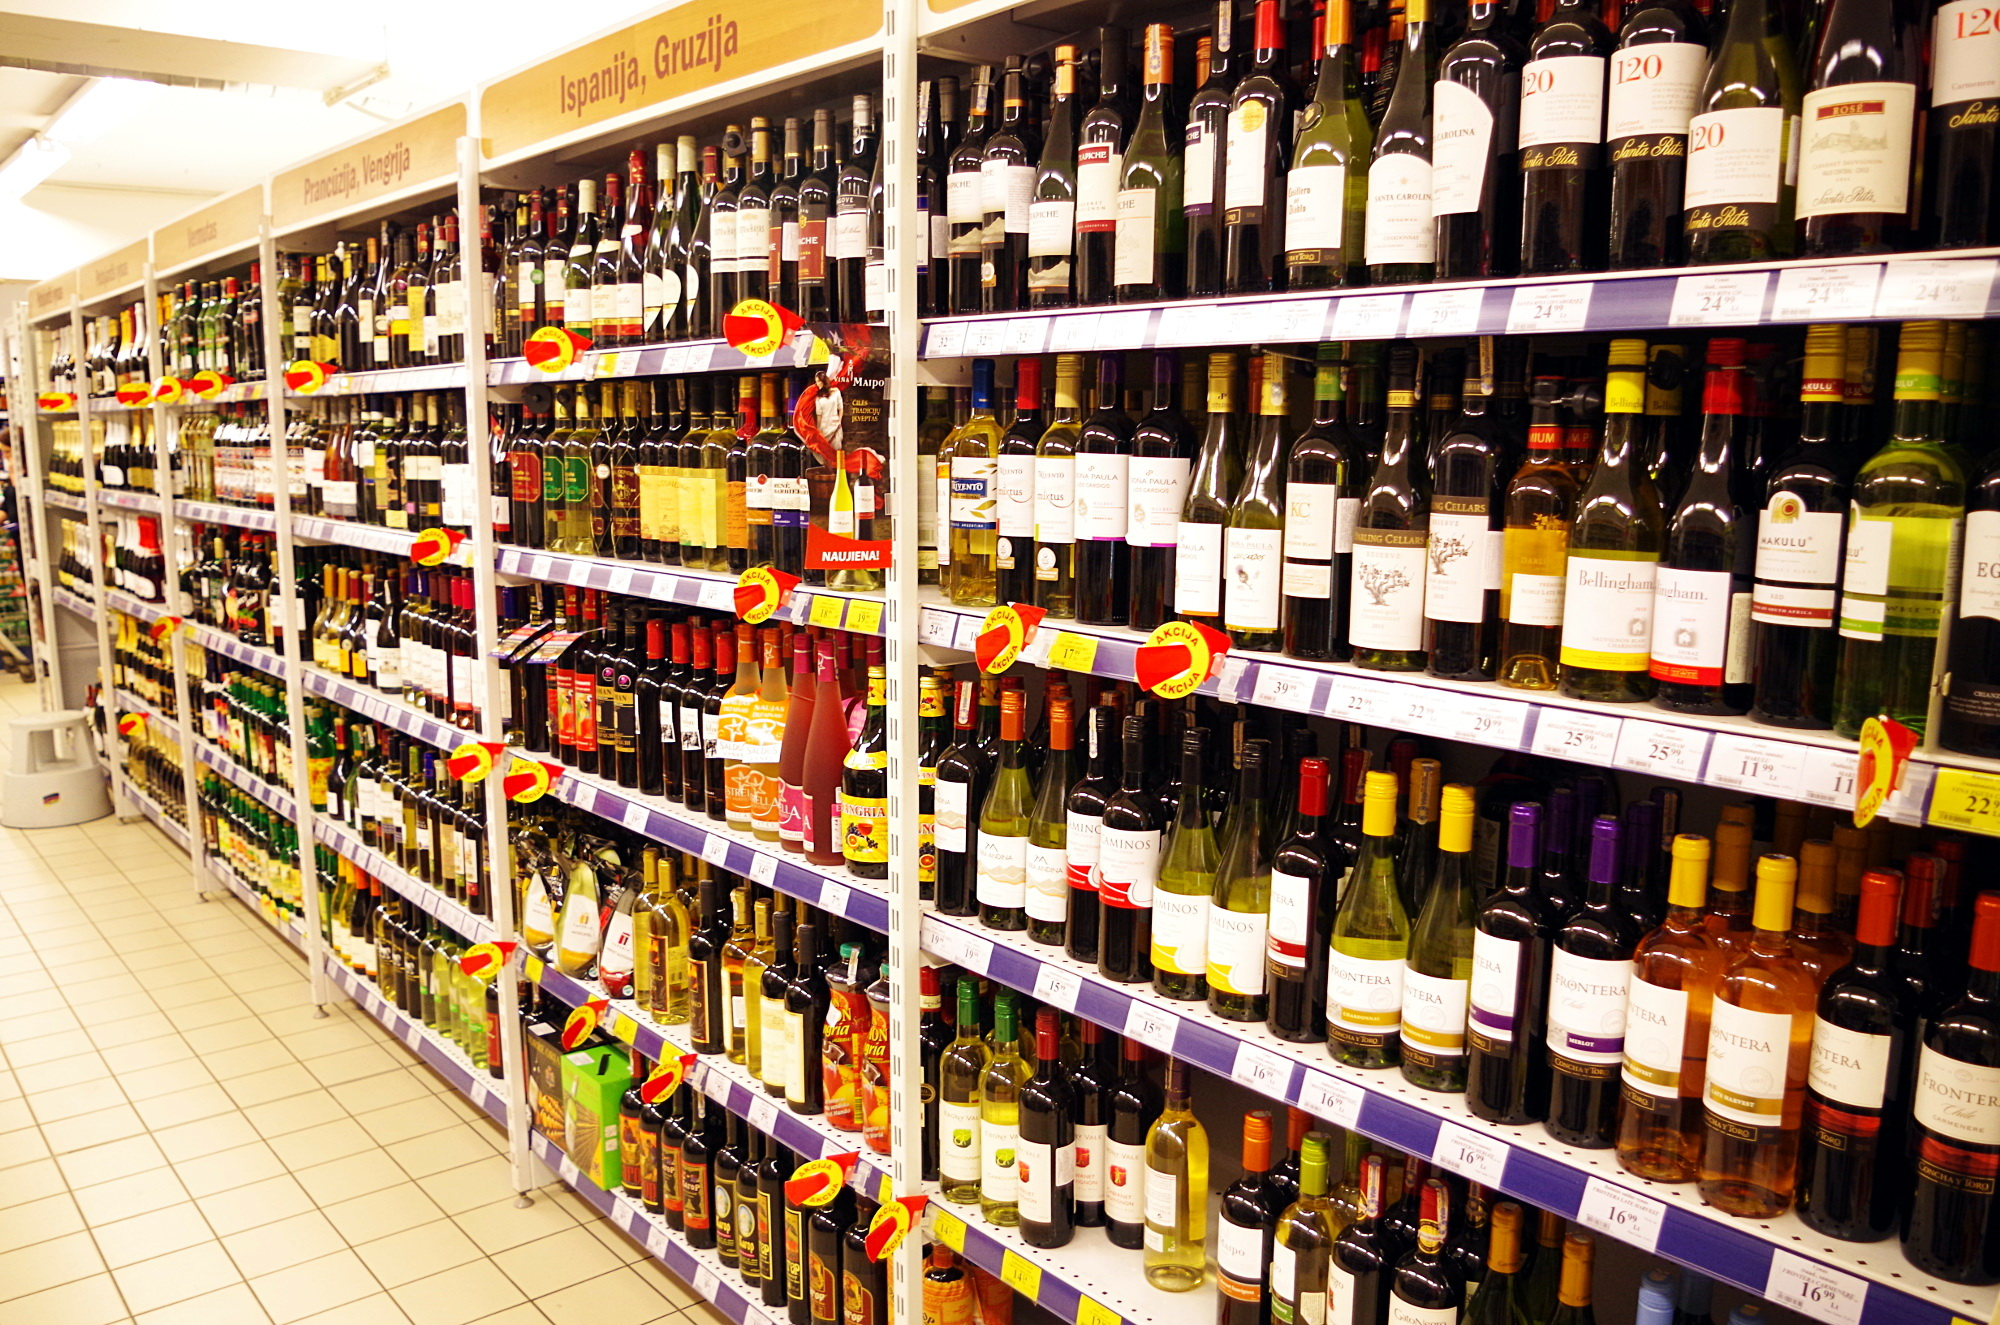 Nuo lapkričio 1 d. etikečių, rodančių kainų mažėjimą, alkoholio skyriuose nebeliks. Vaidoto Vilko nuotr.